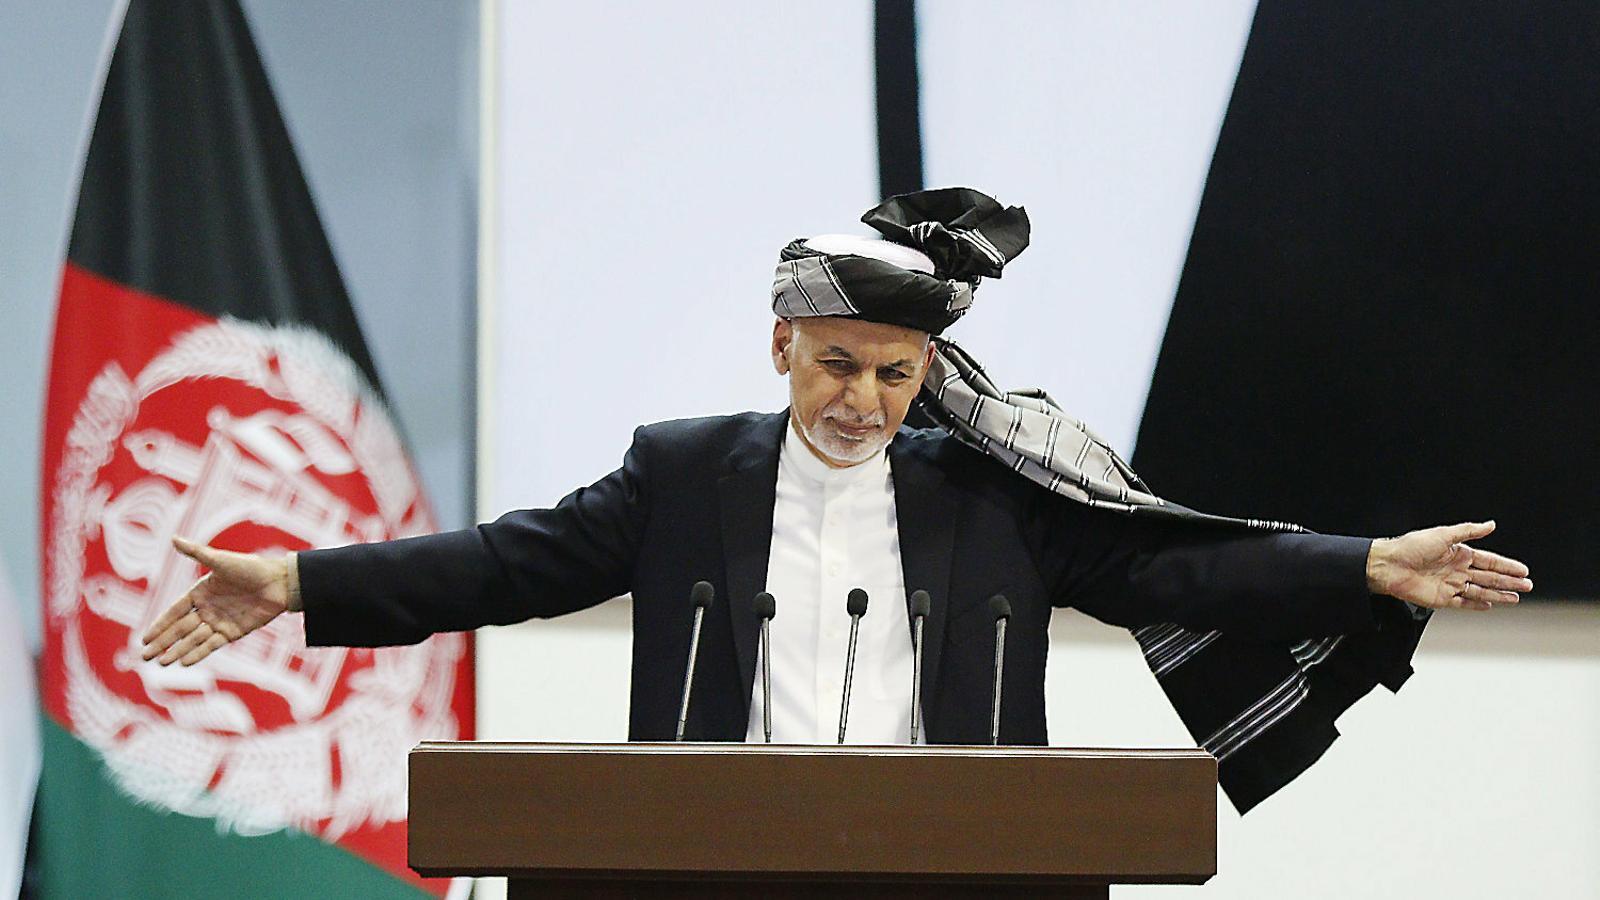 El president de l'Afganistan, Aixraf Ghani, ha revalidat el càrrec.